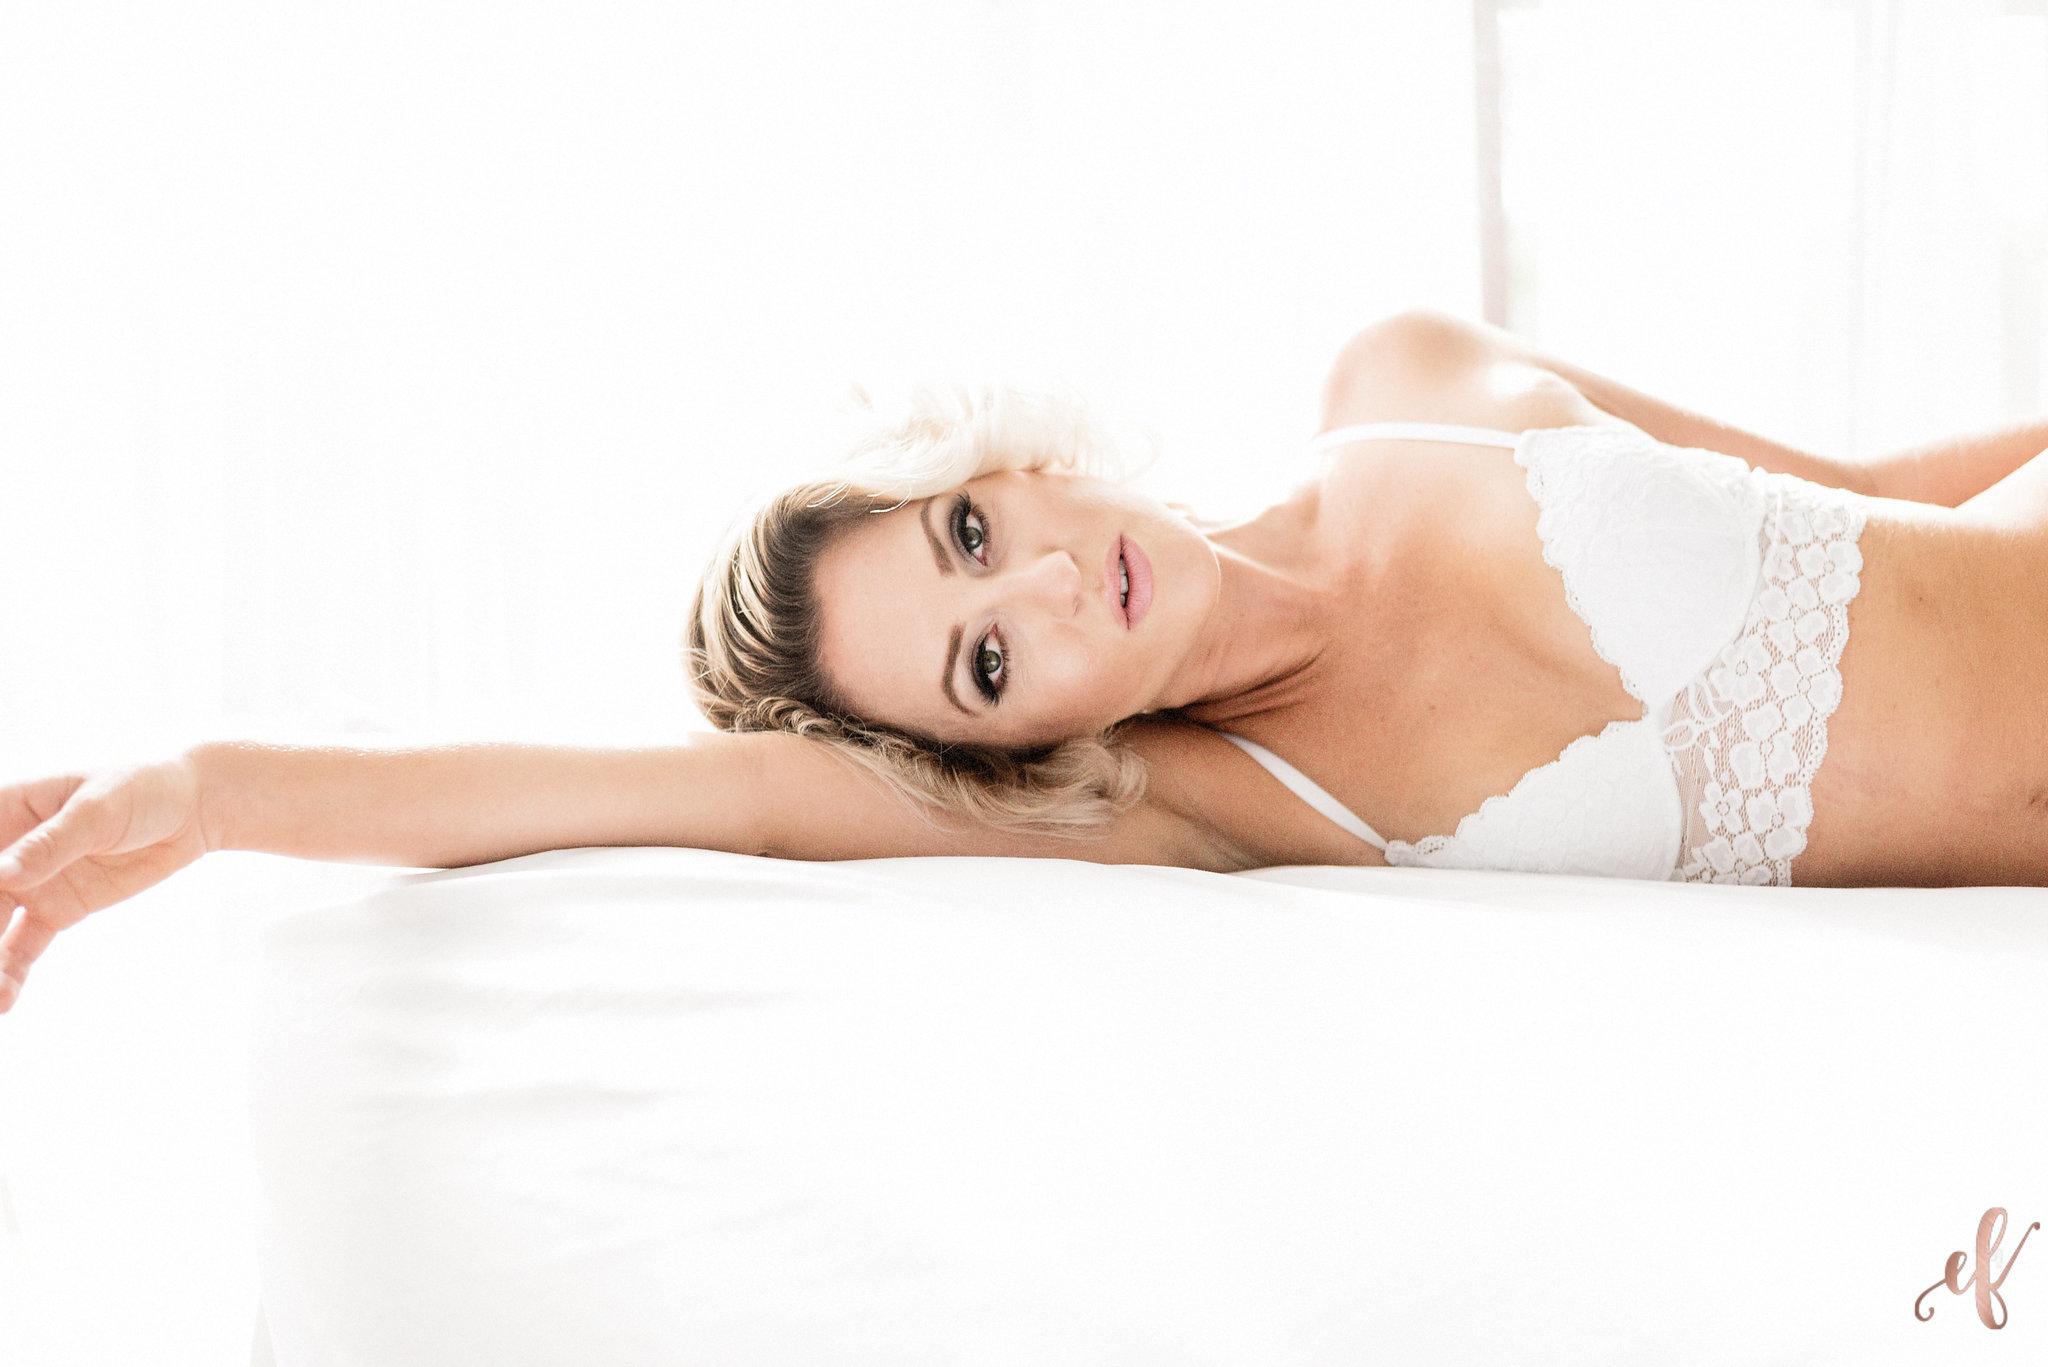 San Diego Boudoir Photography | White Sheets